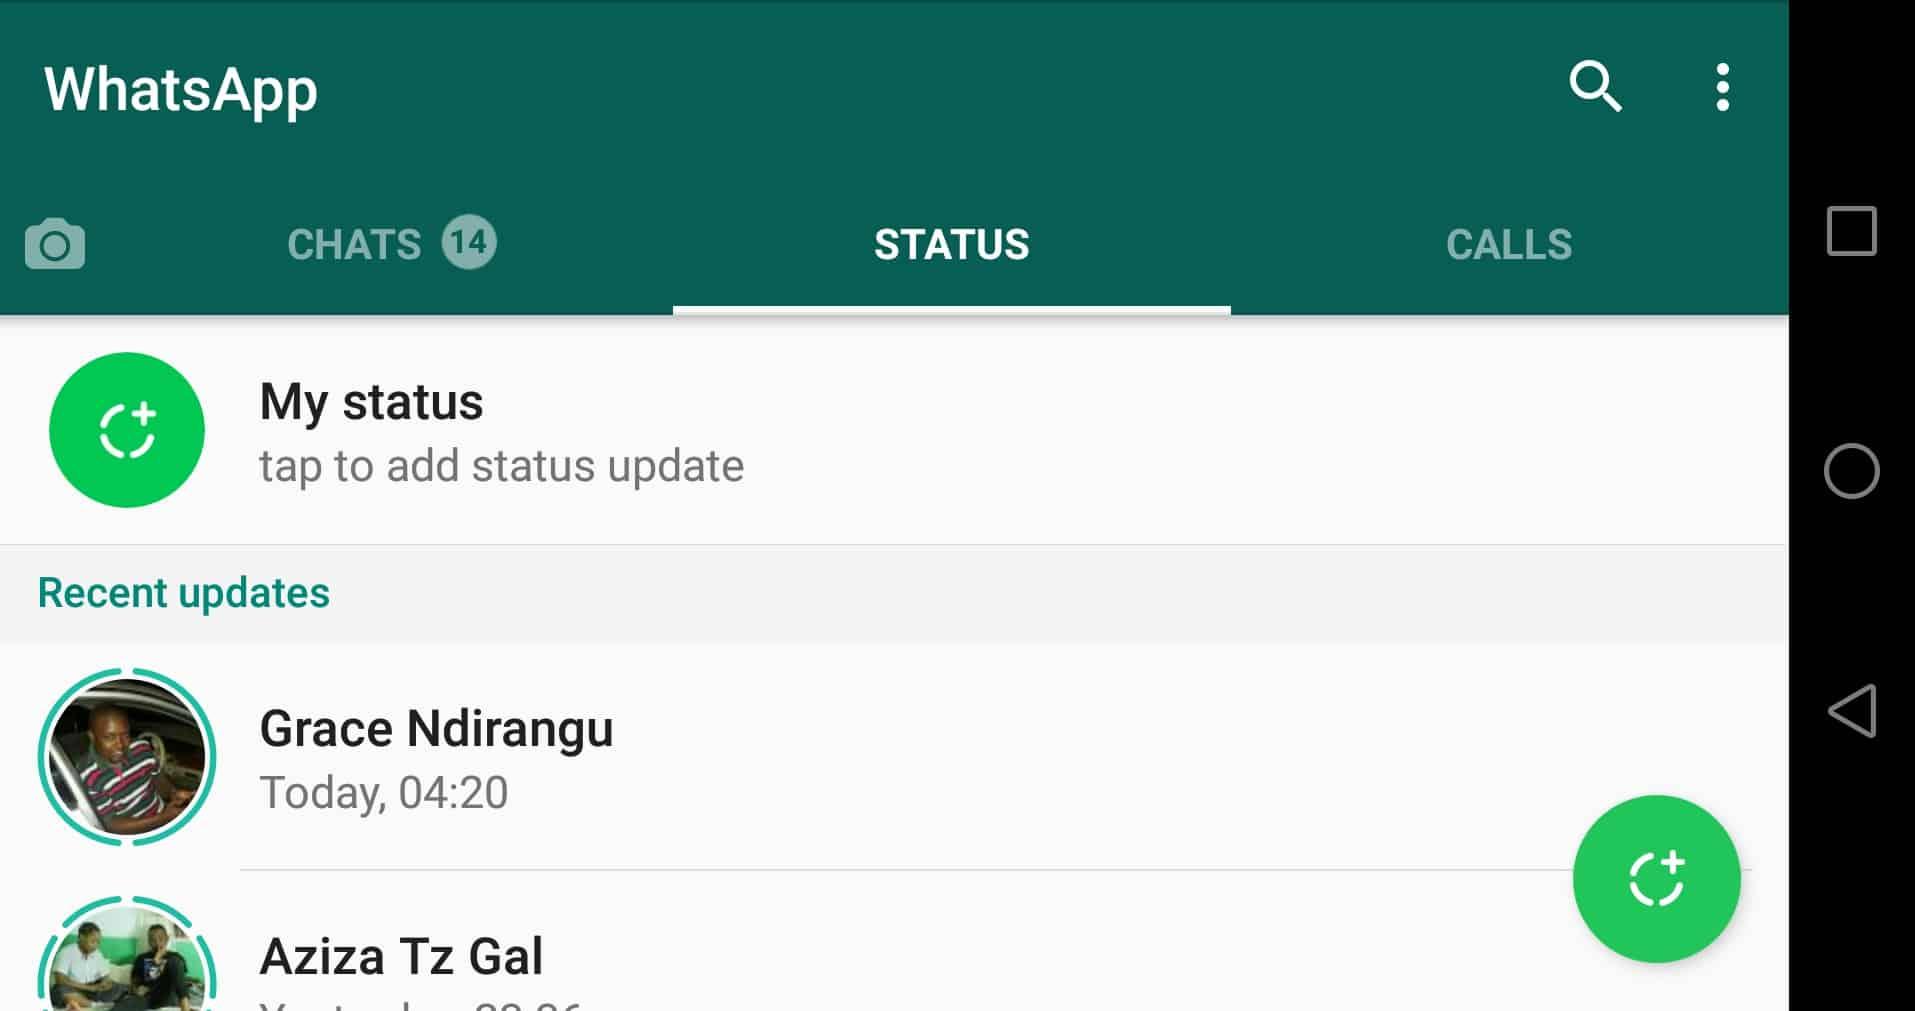 Pengiriman-Status-Whatsapp-Lebih-Panjang